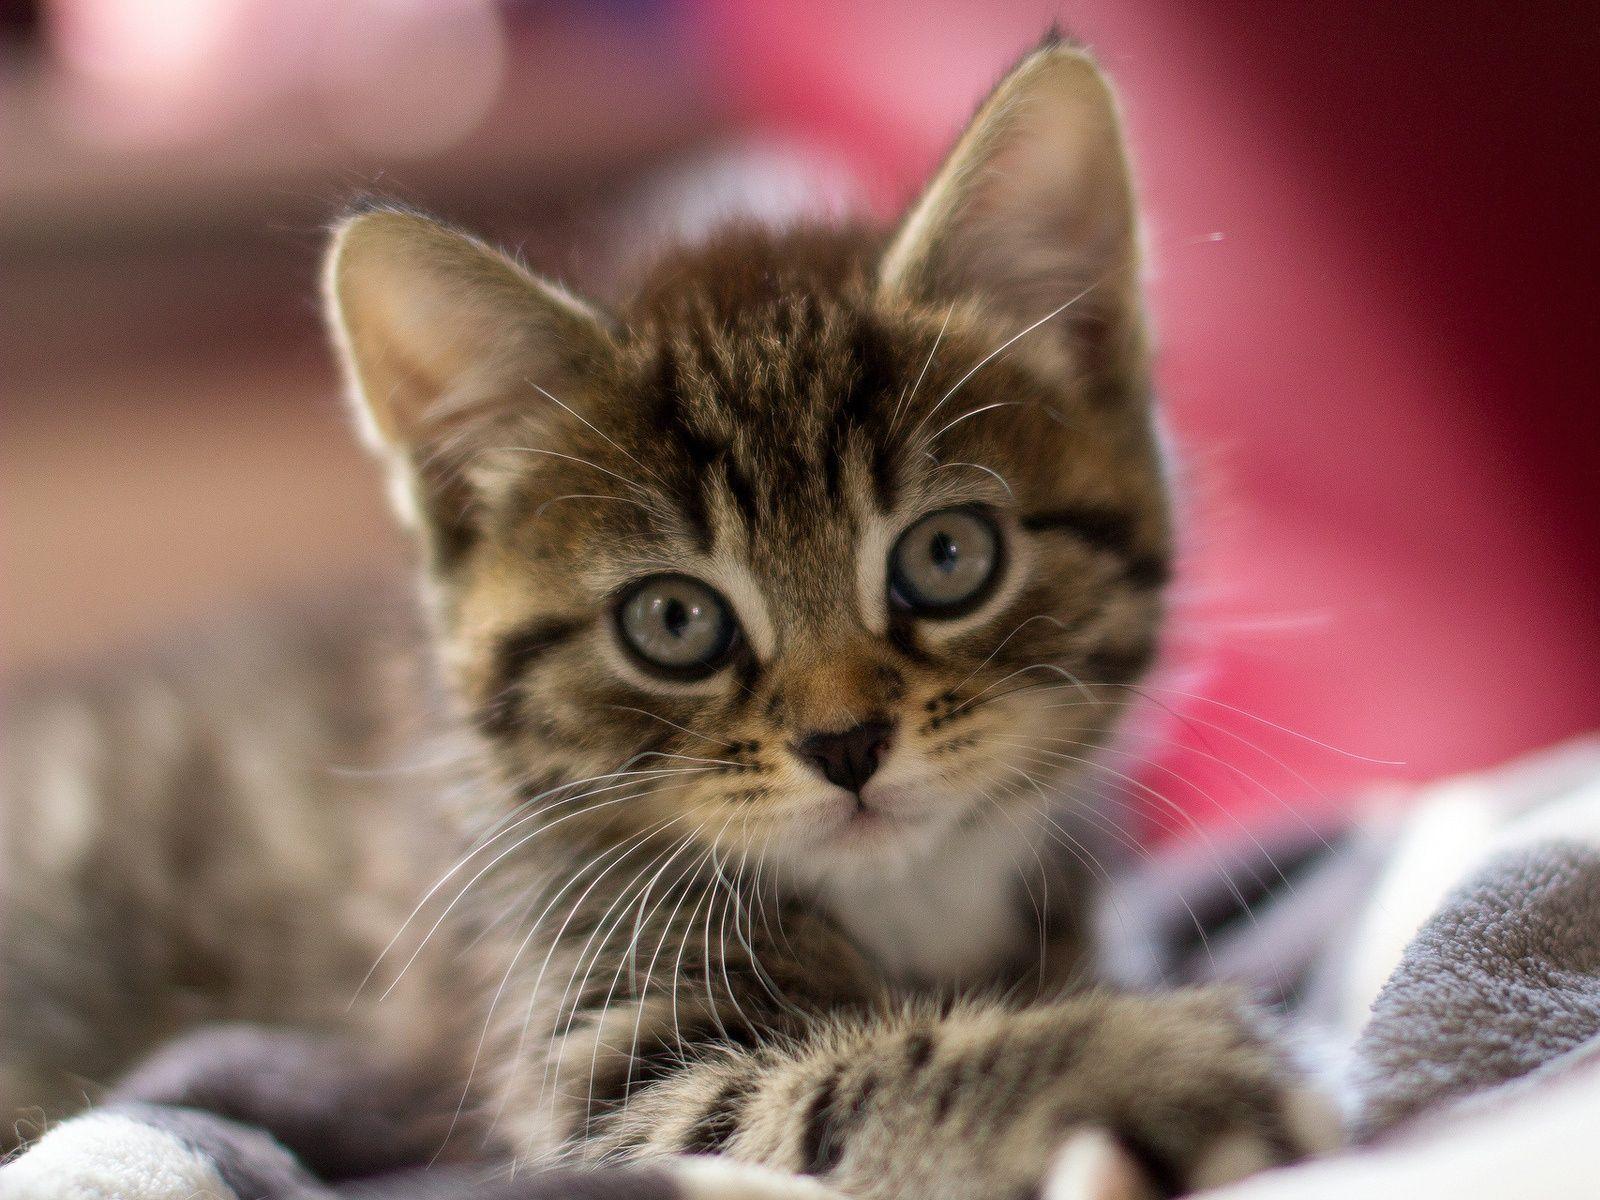 Chaton mignon, visage attrayant, les yeux, les oreilles ...